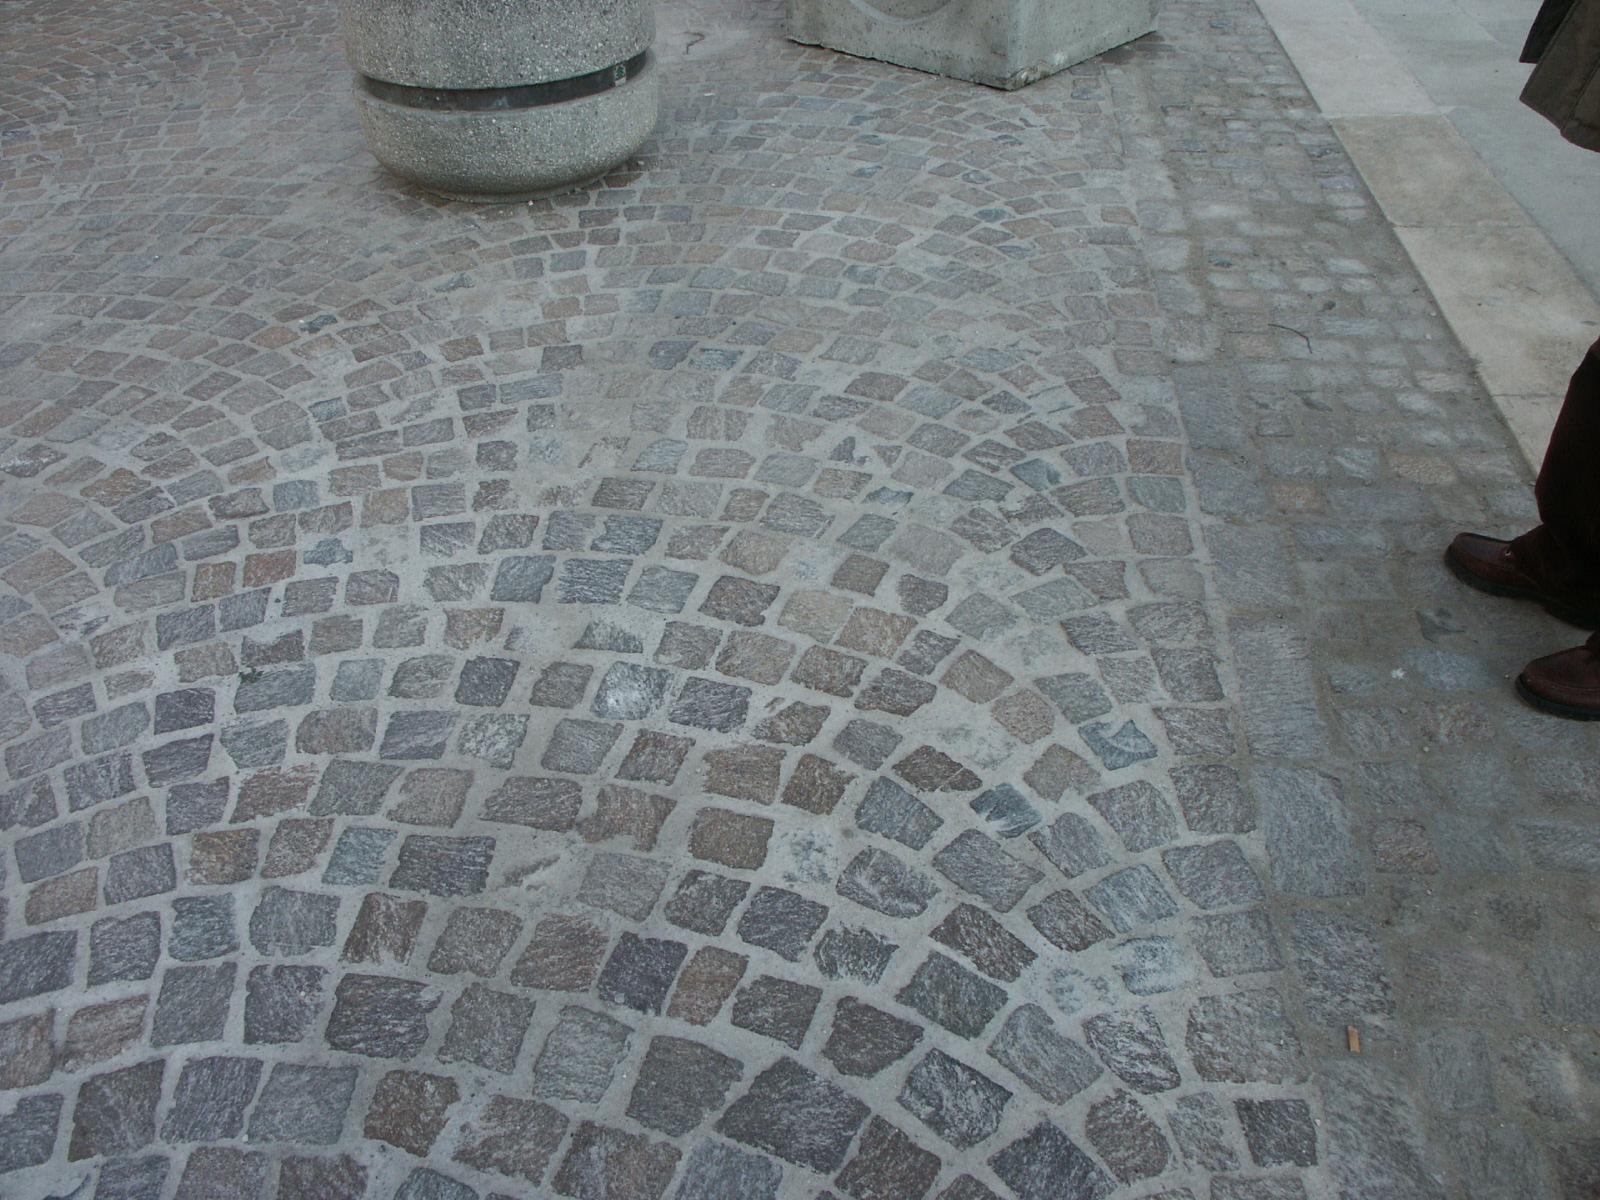 Posa in opera di porfido per il pavimento ad archi contrastanti con materiale di pessima qualità: sviluppo archi random con negazione regole per la posa in corrispondenza dei lati di contenimento